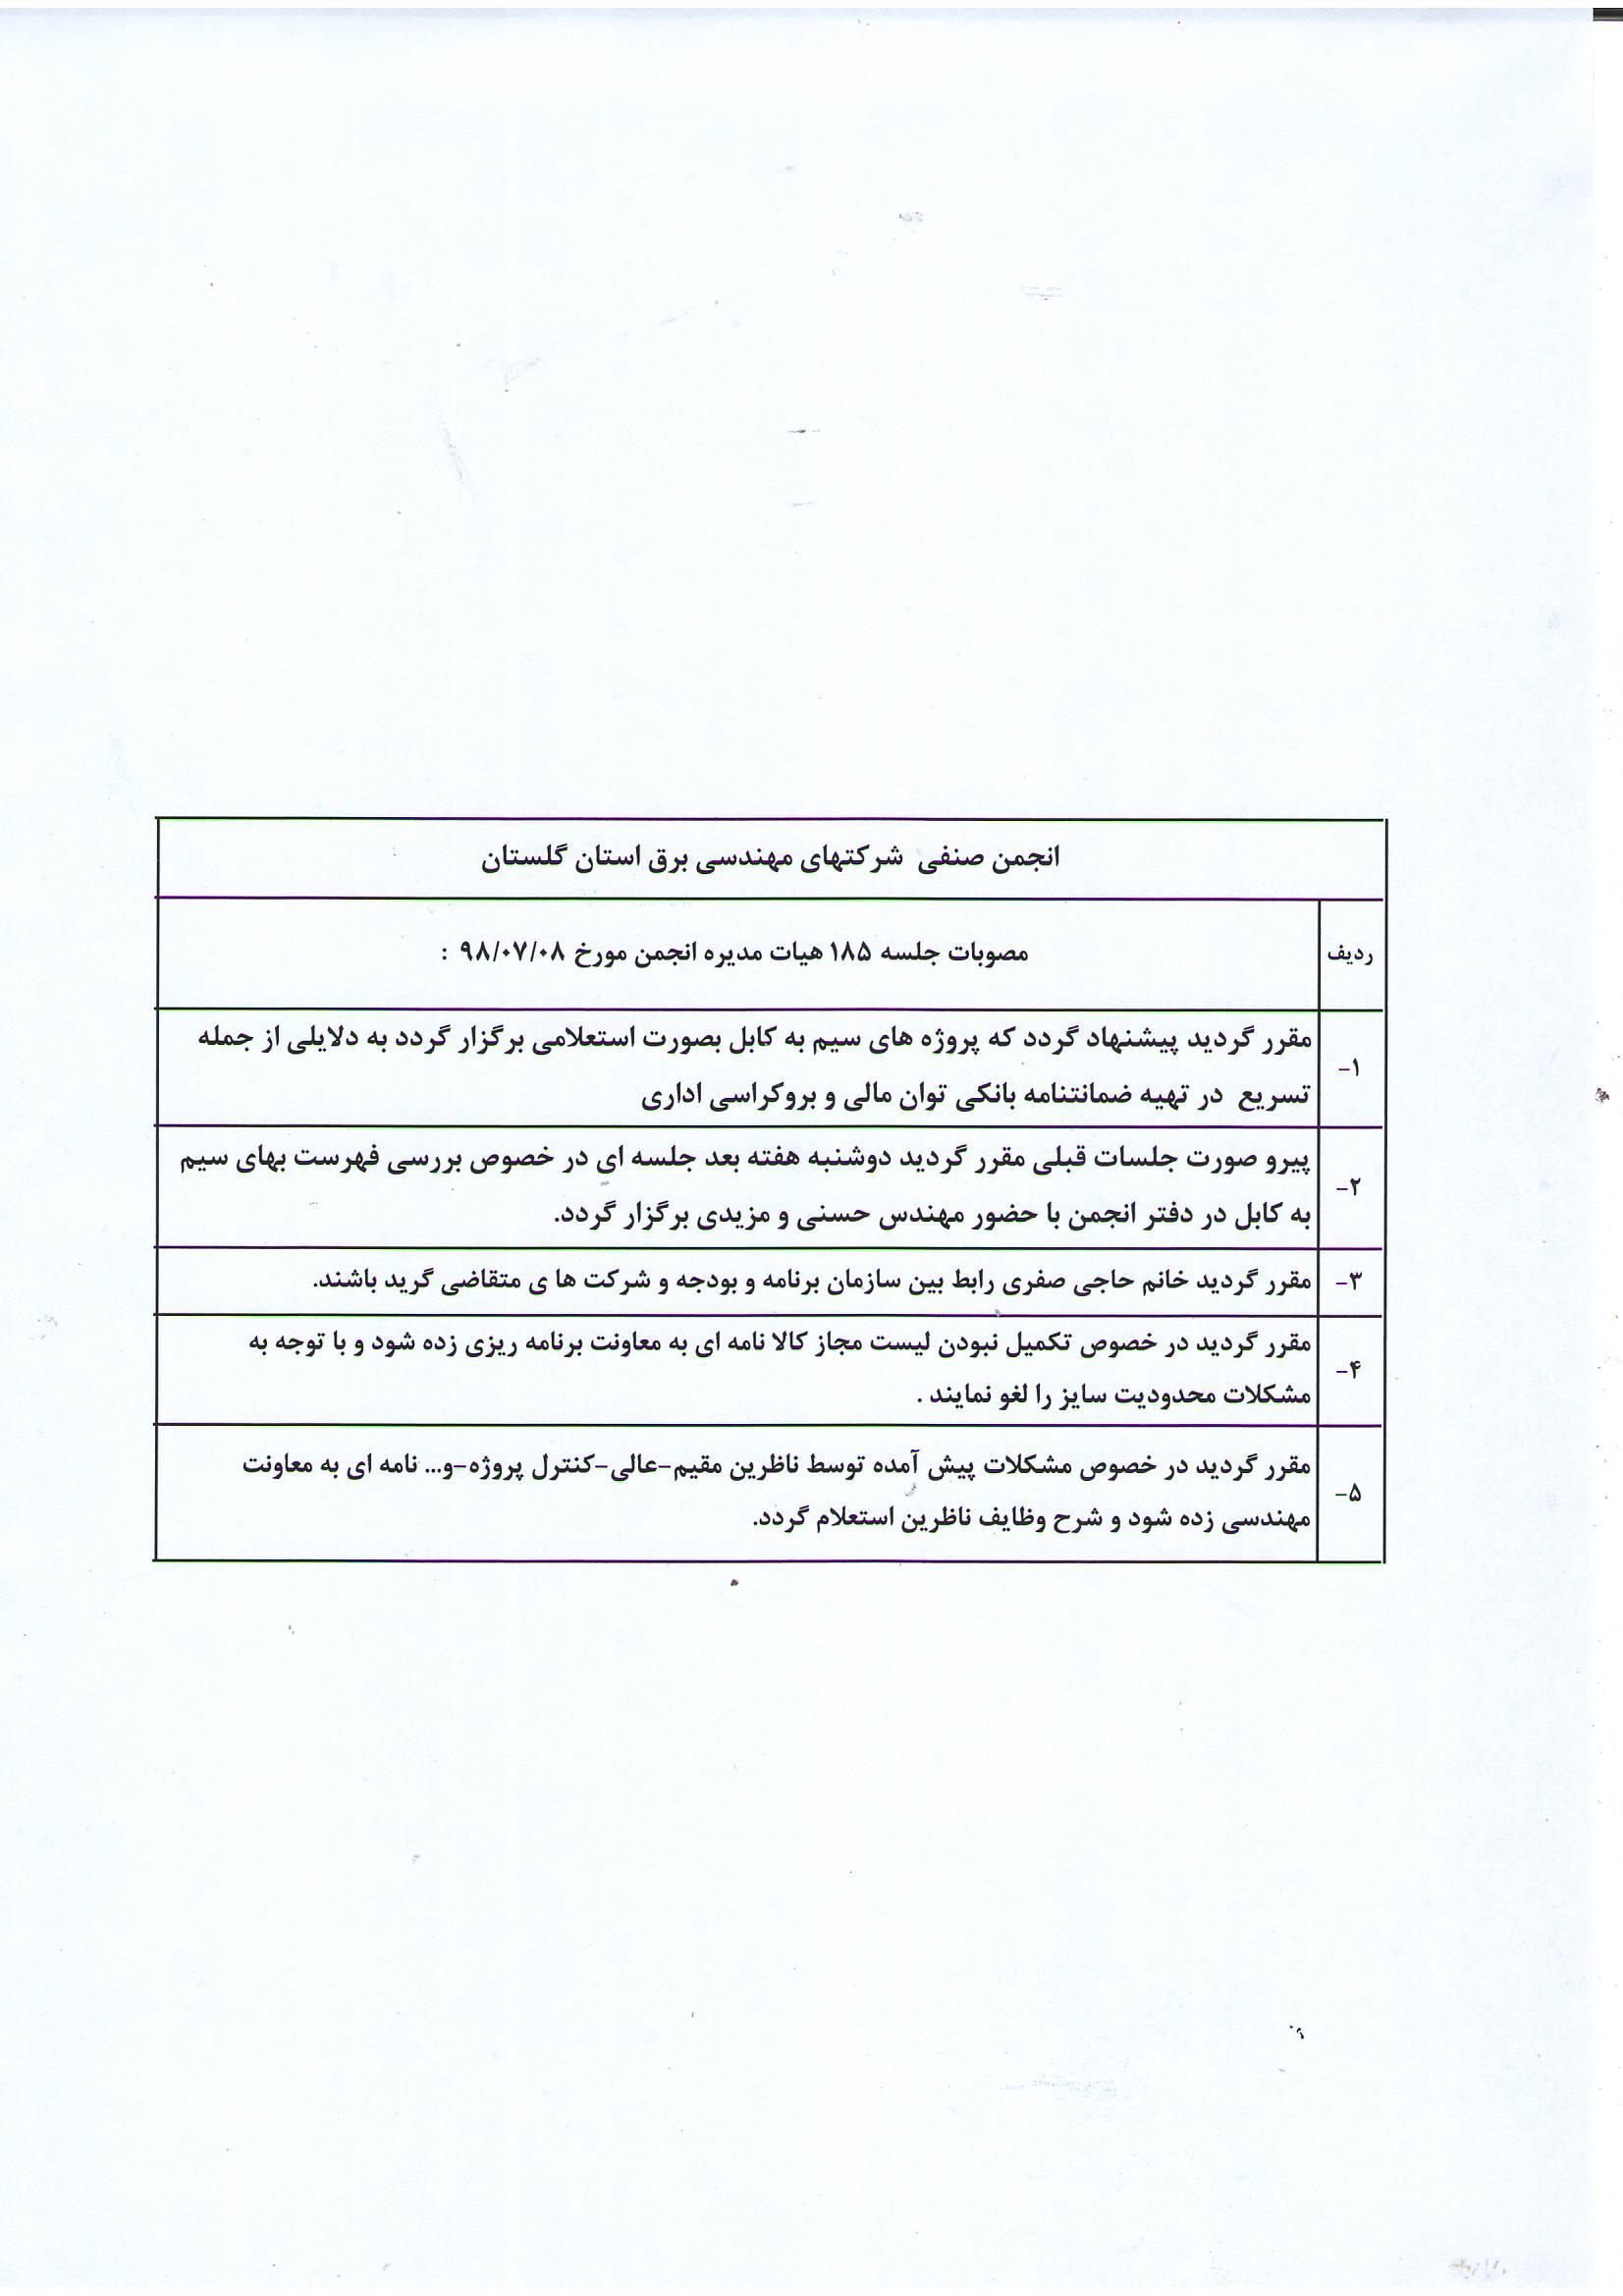 جلسه هیات مدیره مورخ 98/07/08